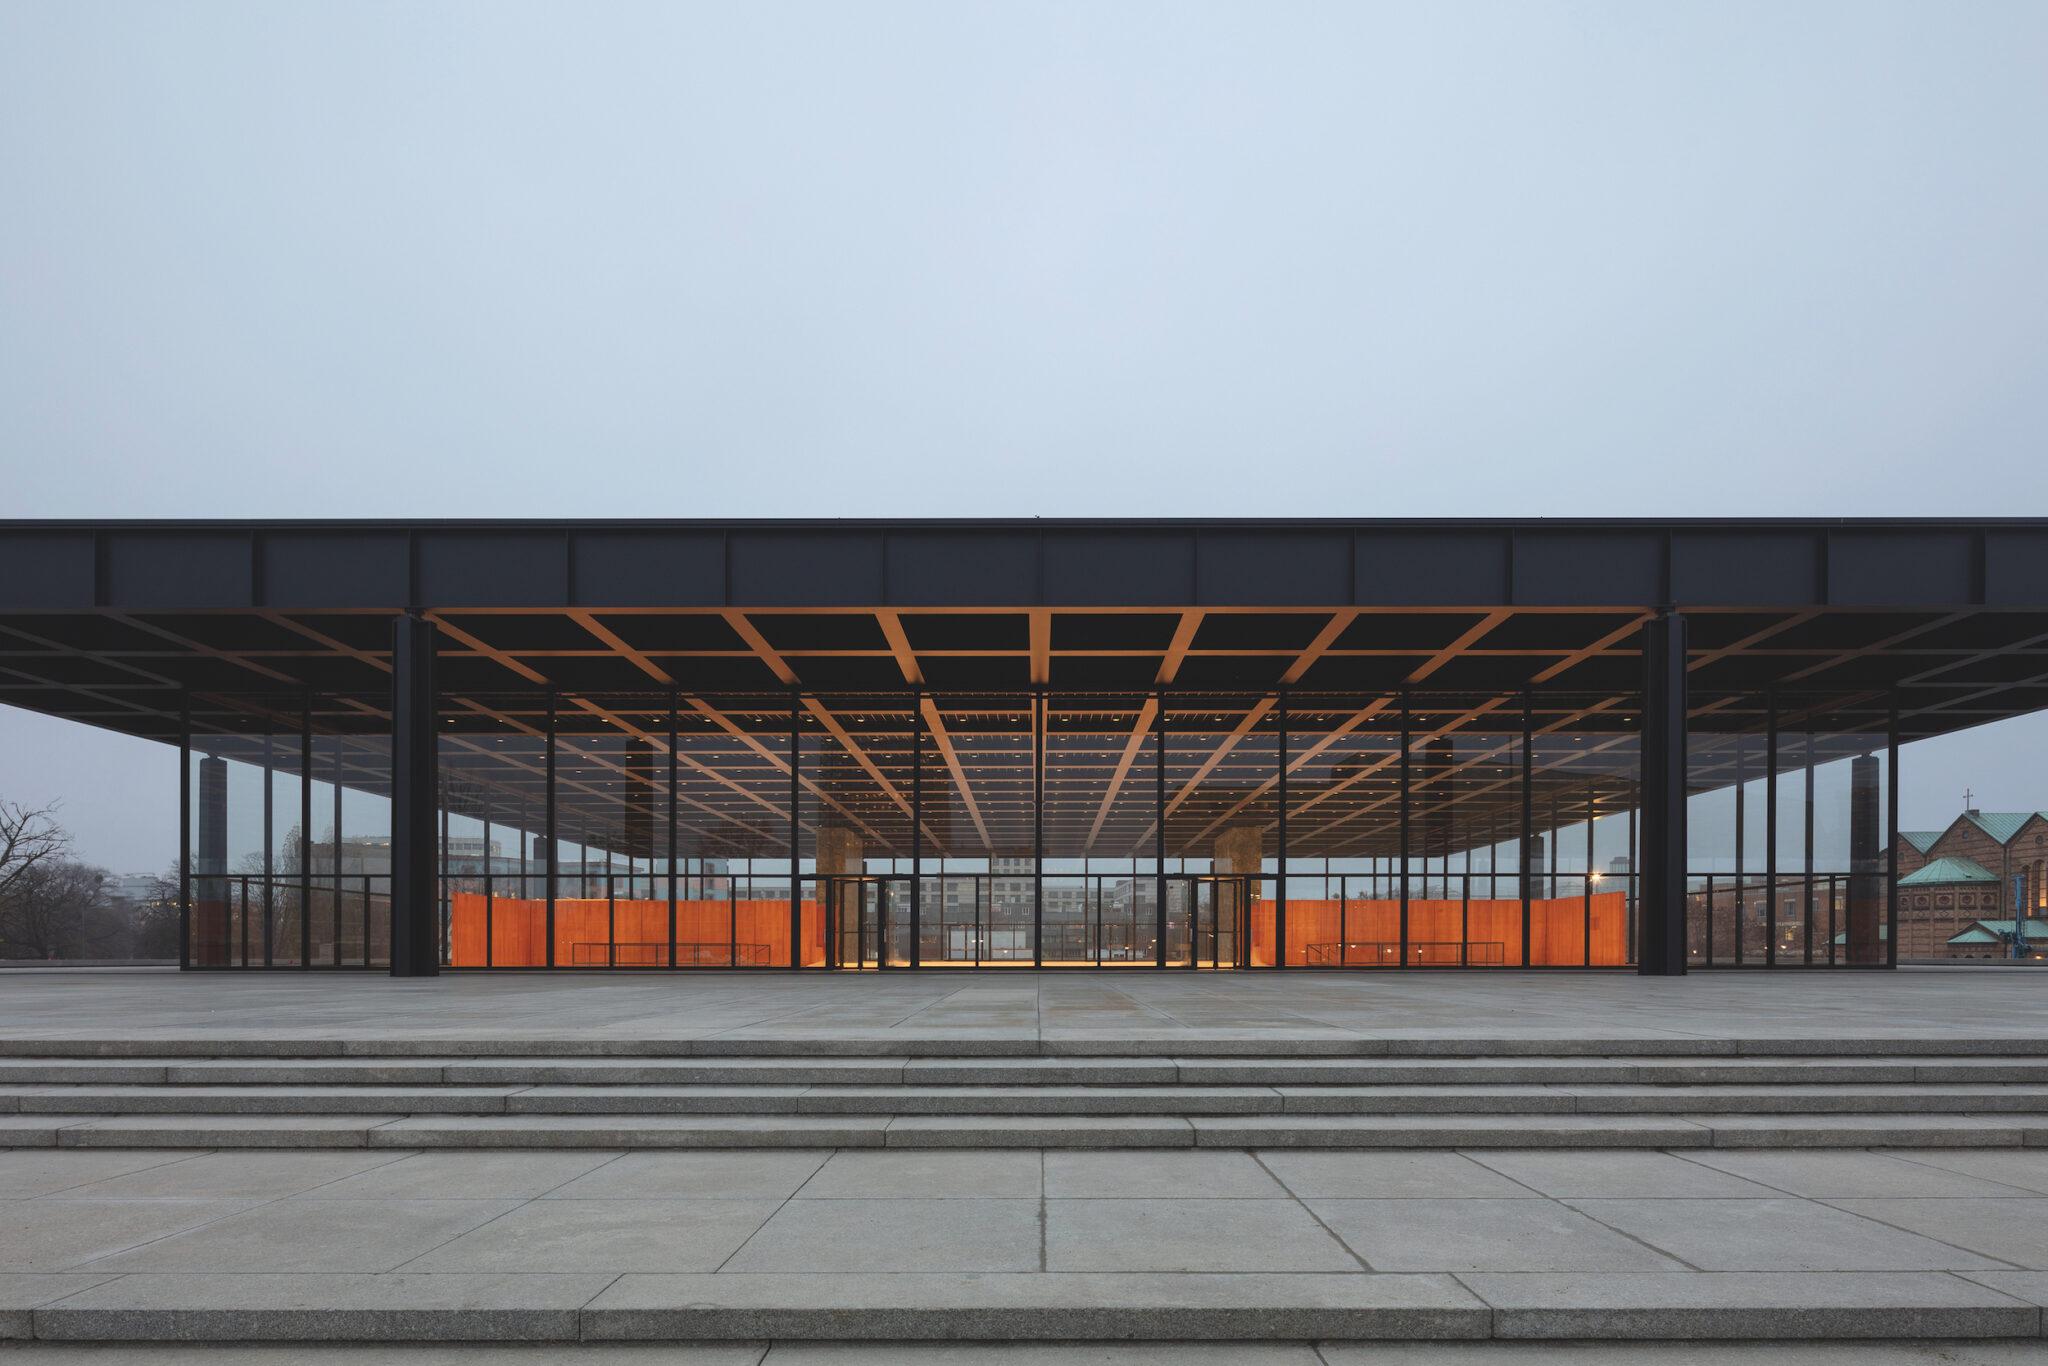 متحف Neue Nationalgalerie في ألمانيا تصميمات المتاحف - معماري